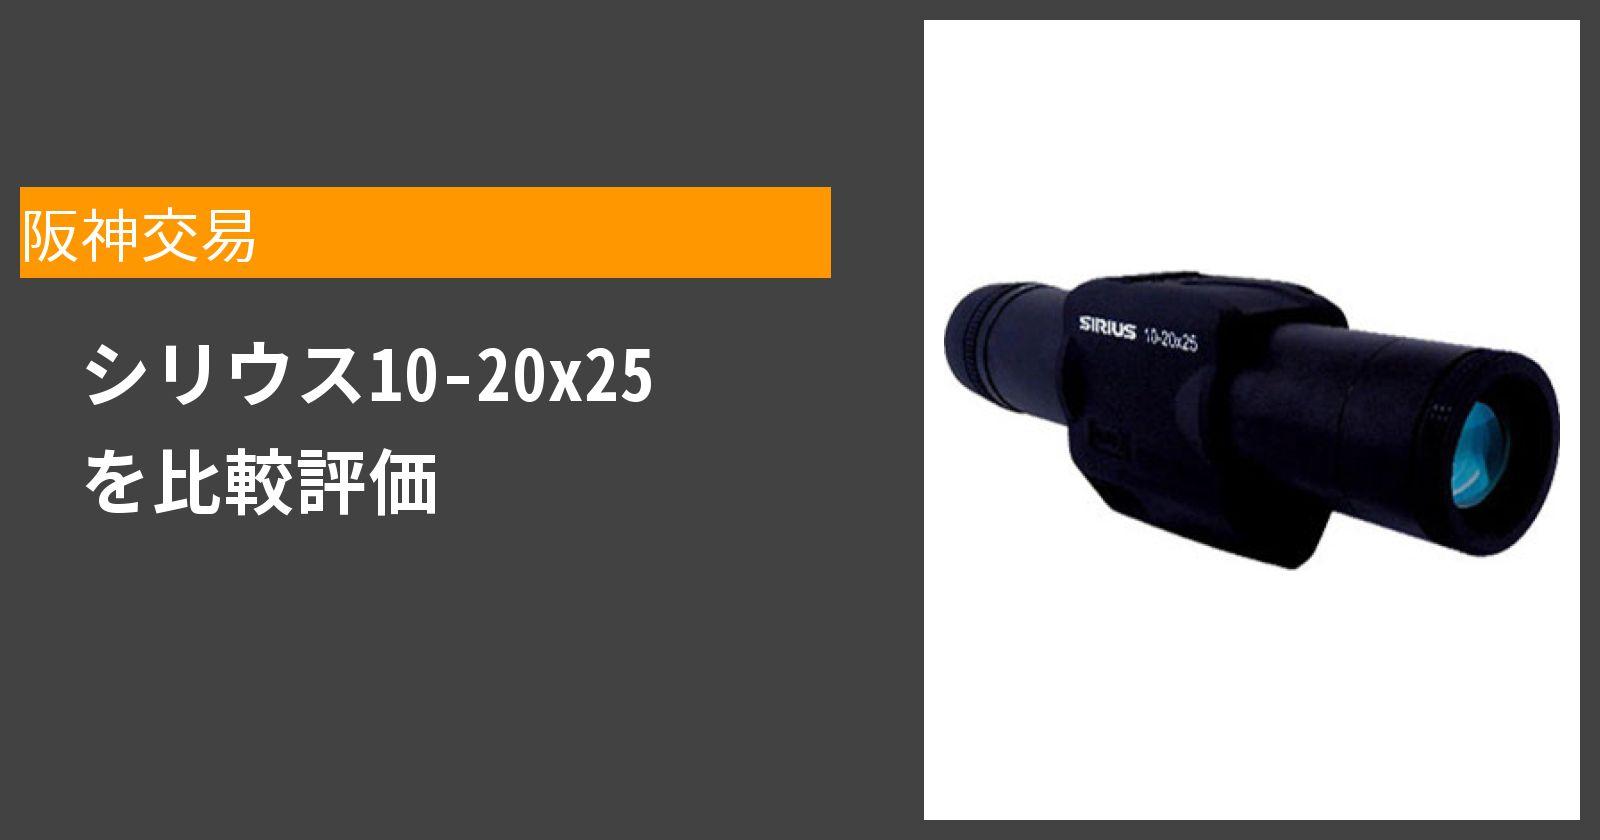 シリウス10-20x25を徹底評価